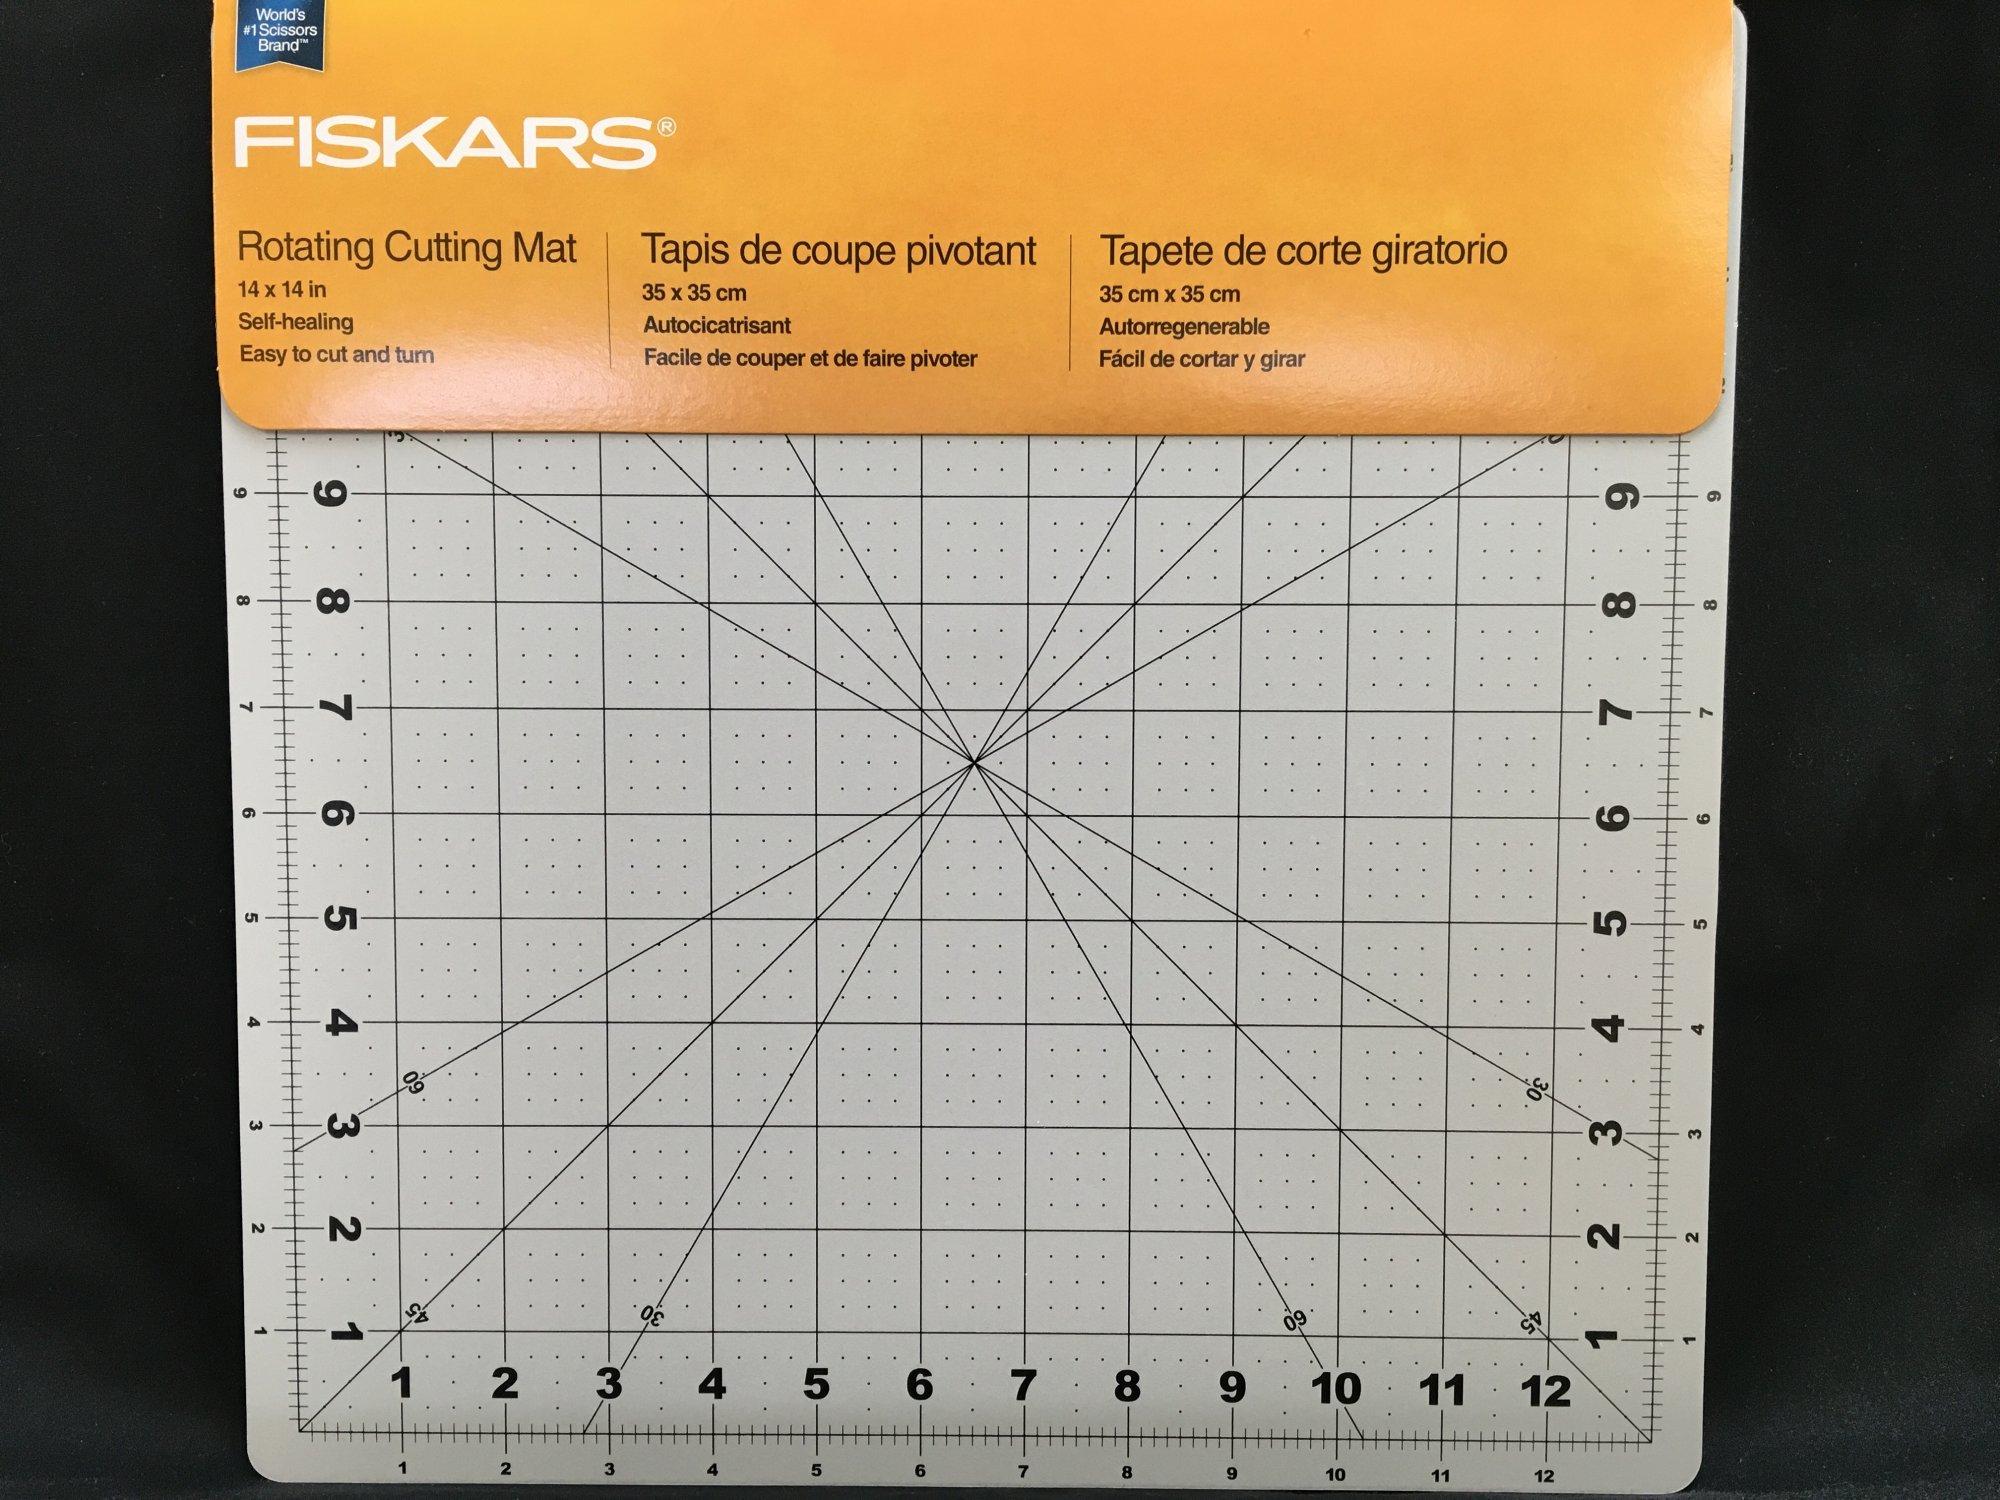 Fiskars 14x14 Rotating Cutting Mat